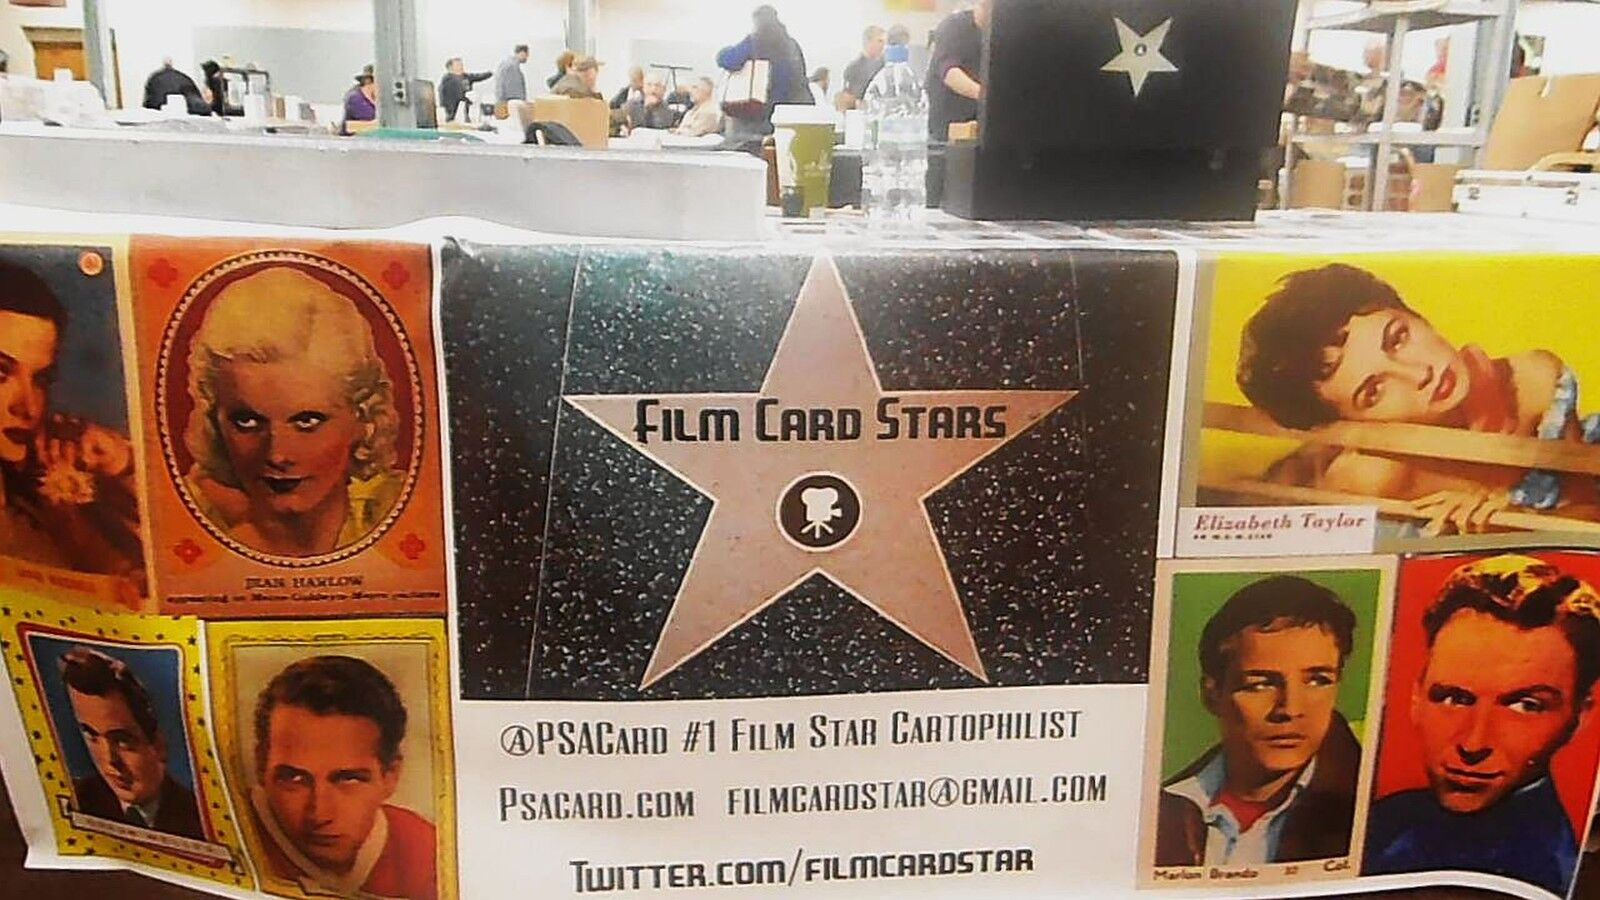 FilmCardStars